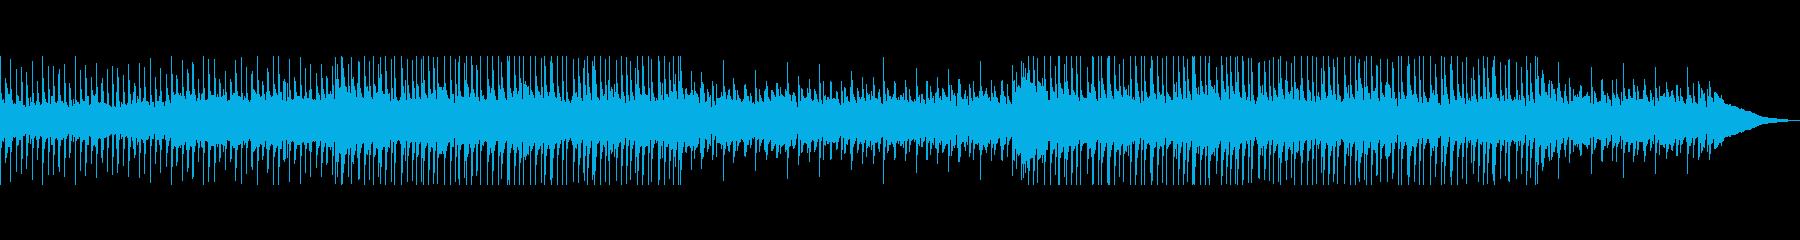 アコースティックギターの楽しい曲の再生済みの波形